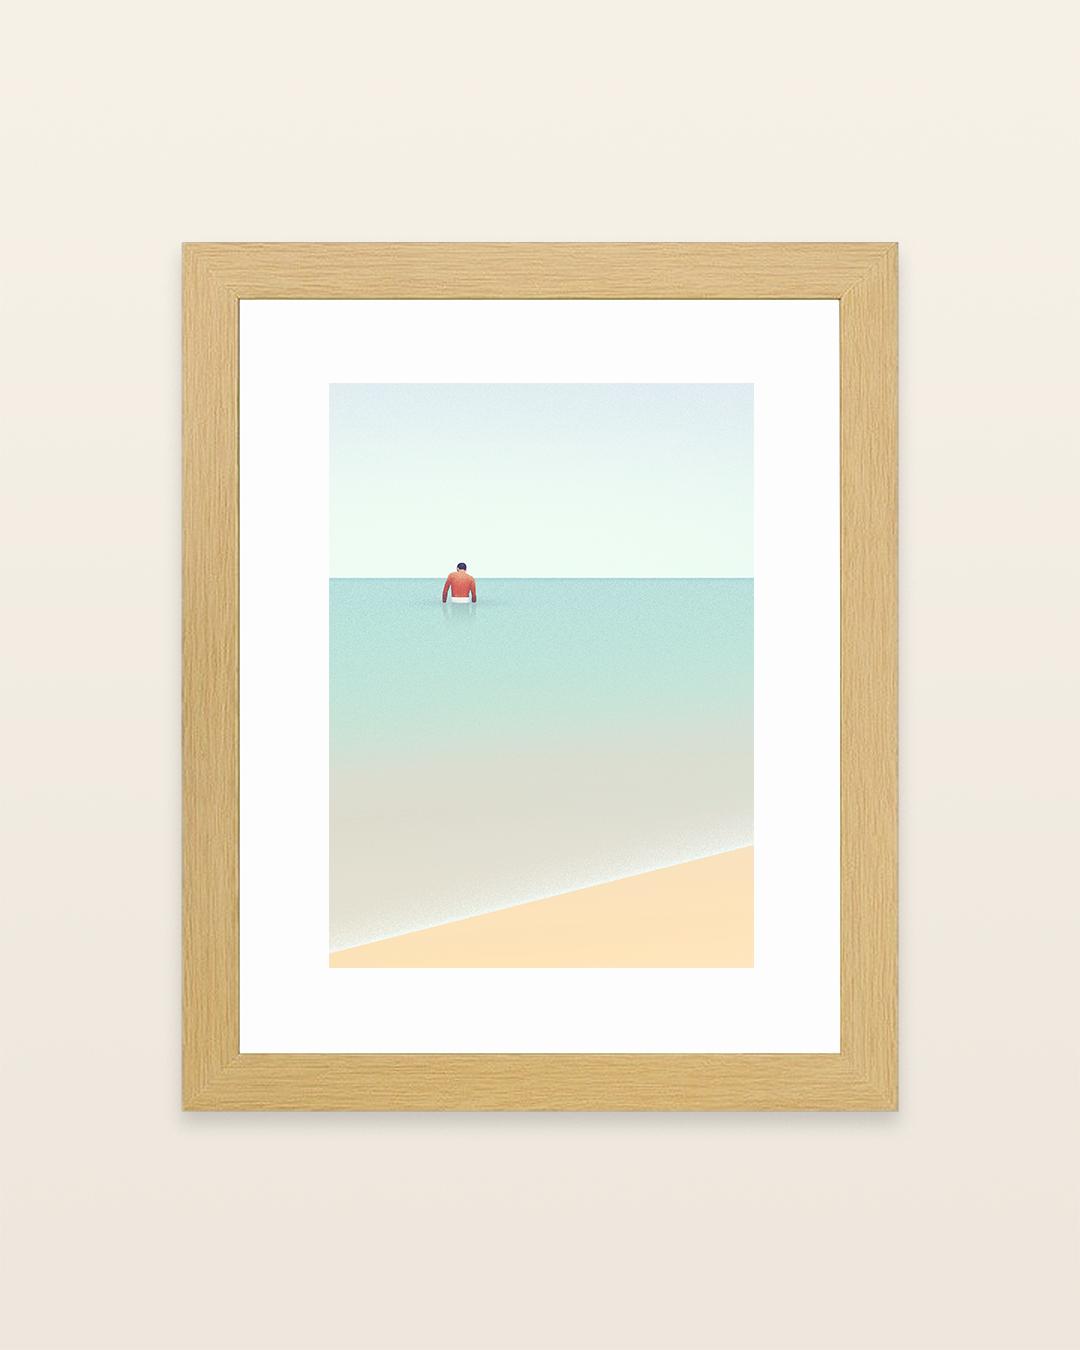 bather-framed.png